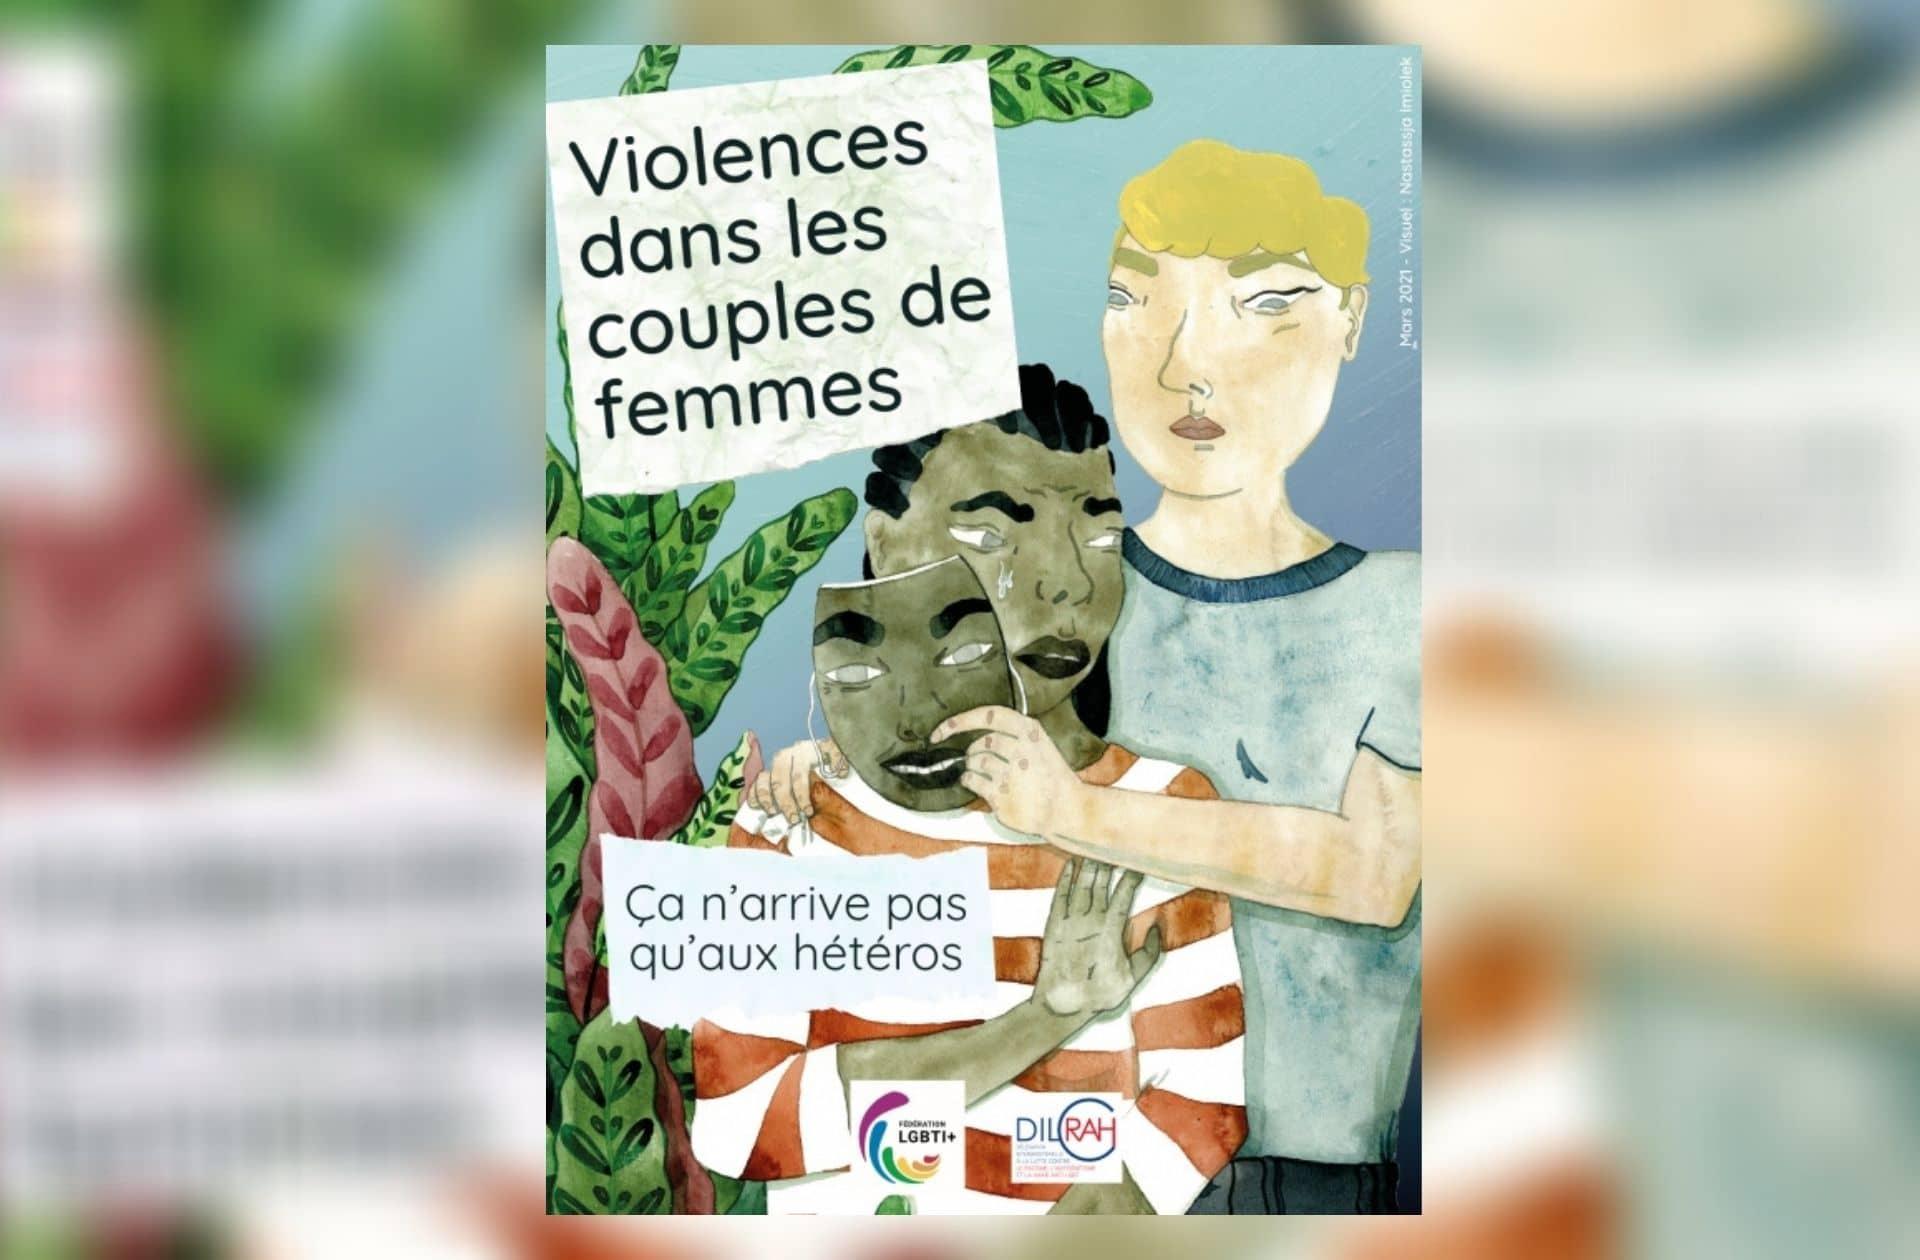 «Ça n'arrive pas qu'aux hétéros»:une campagne contre les violences dans les couples de femmes